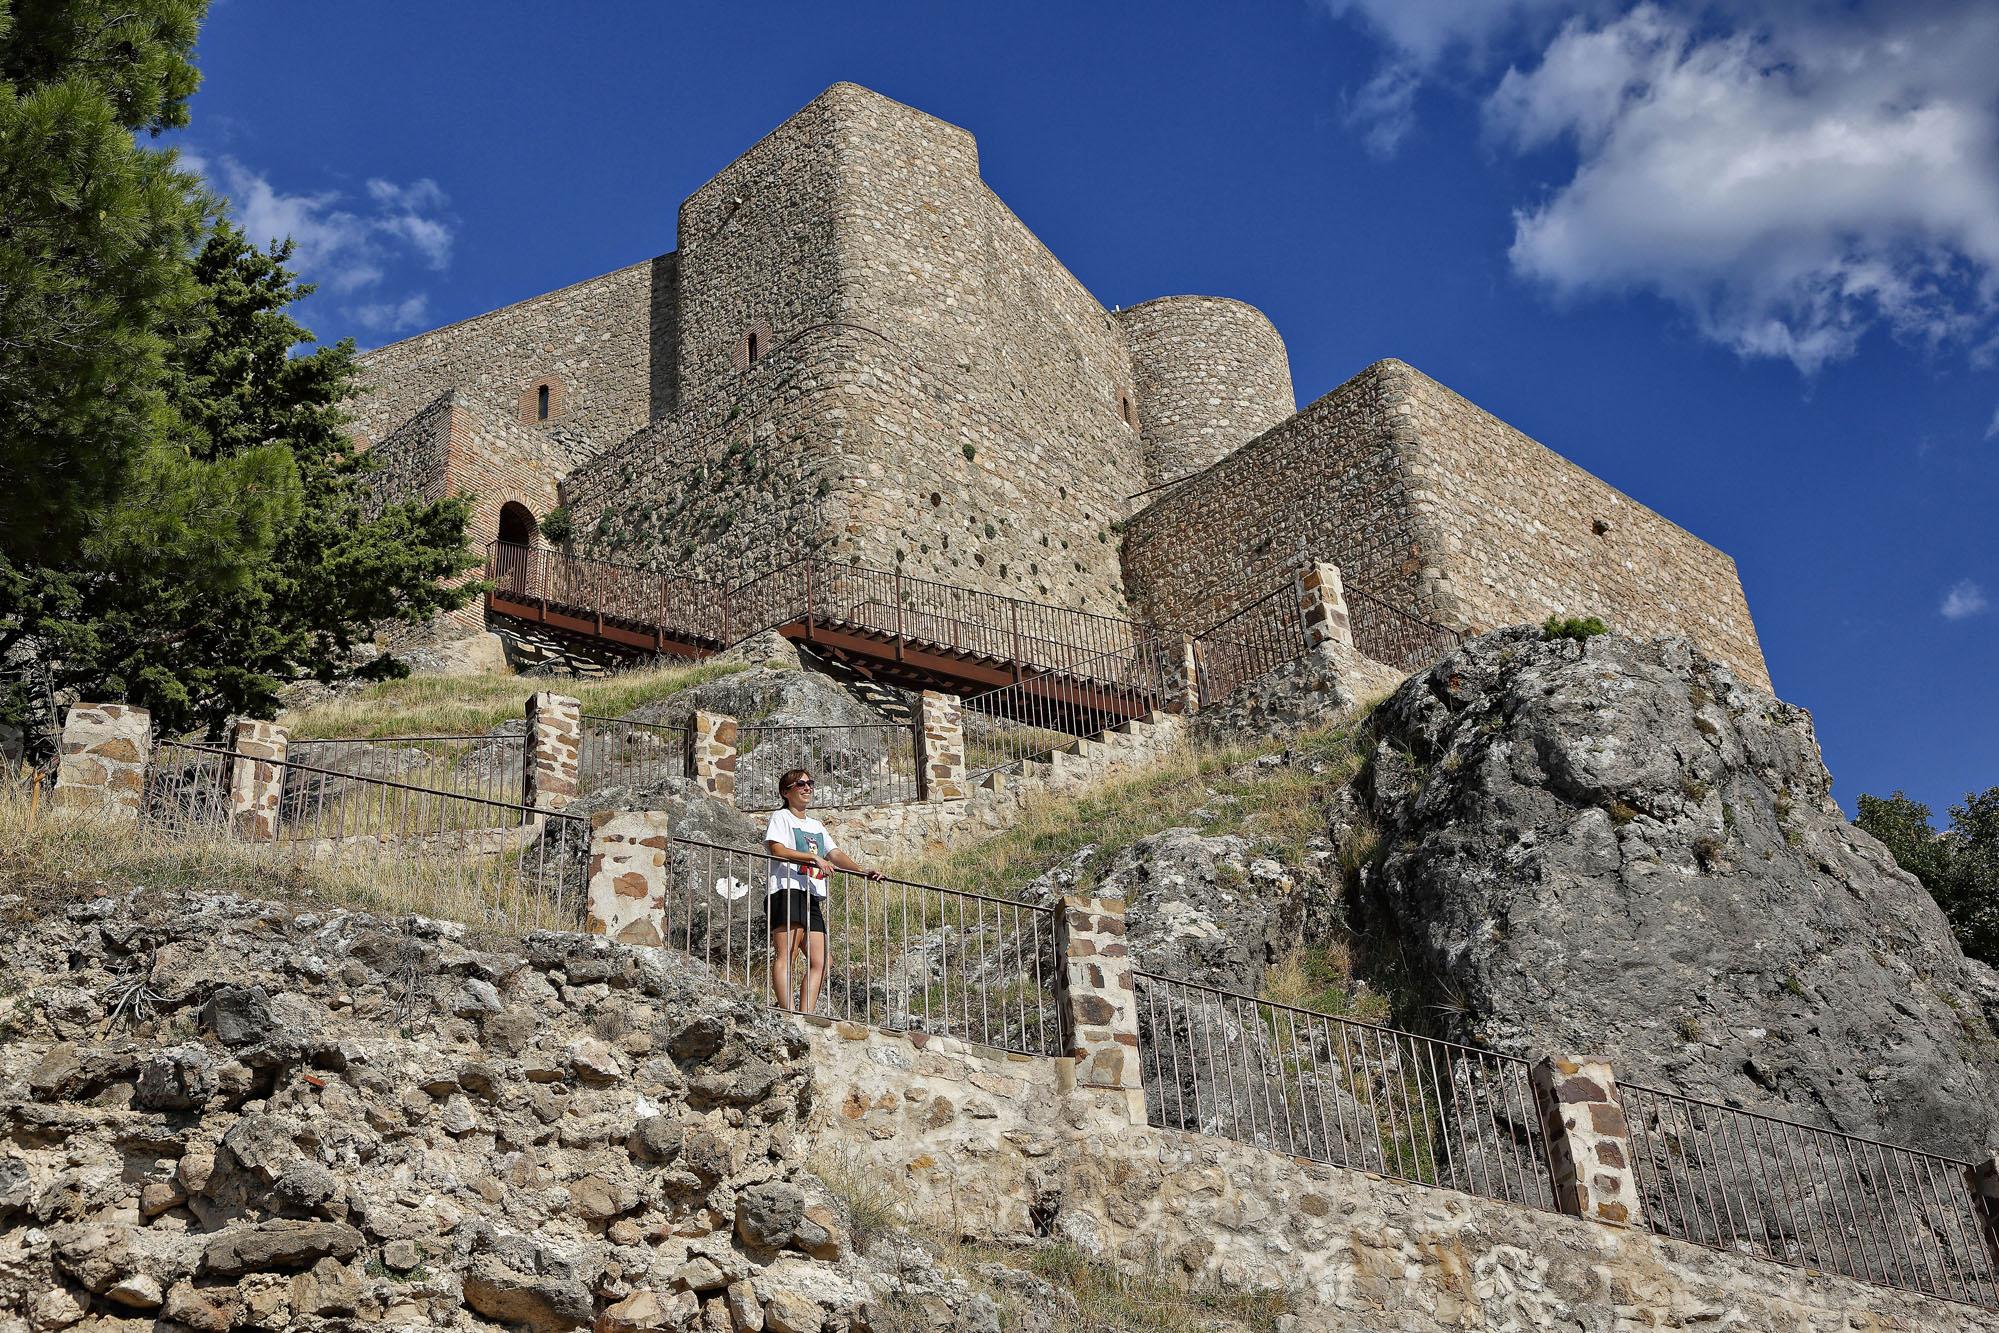 Una camino con 88 peldaños lleva a la entrada del castillo.